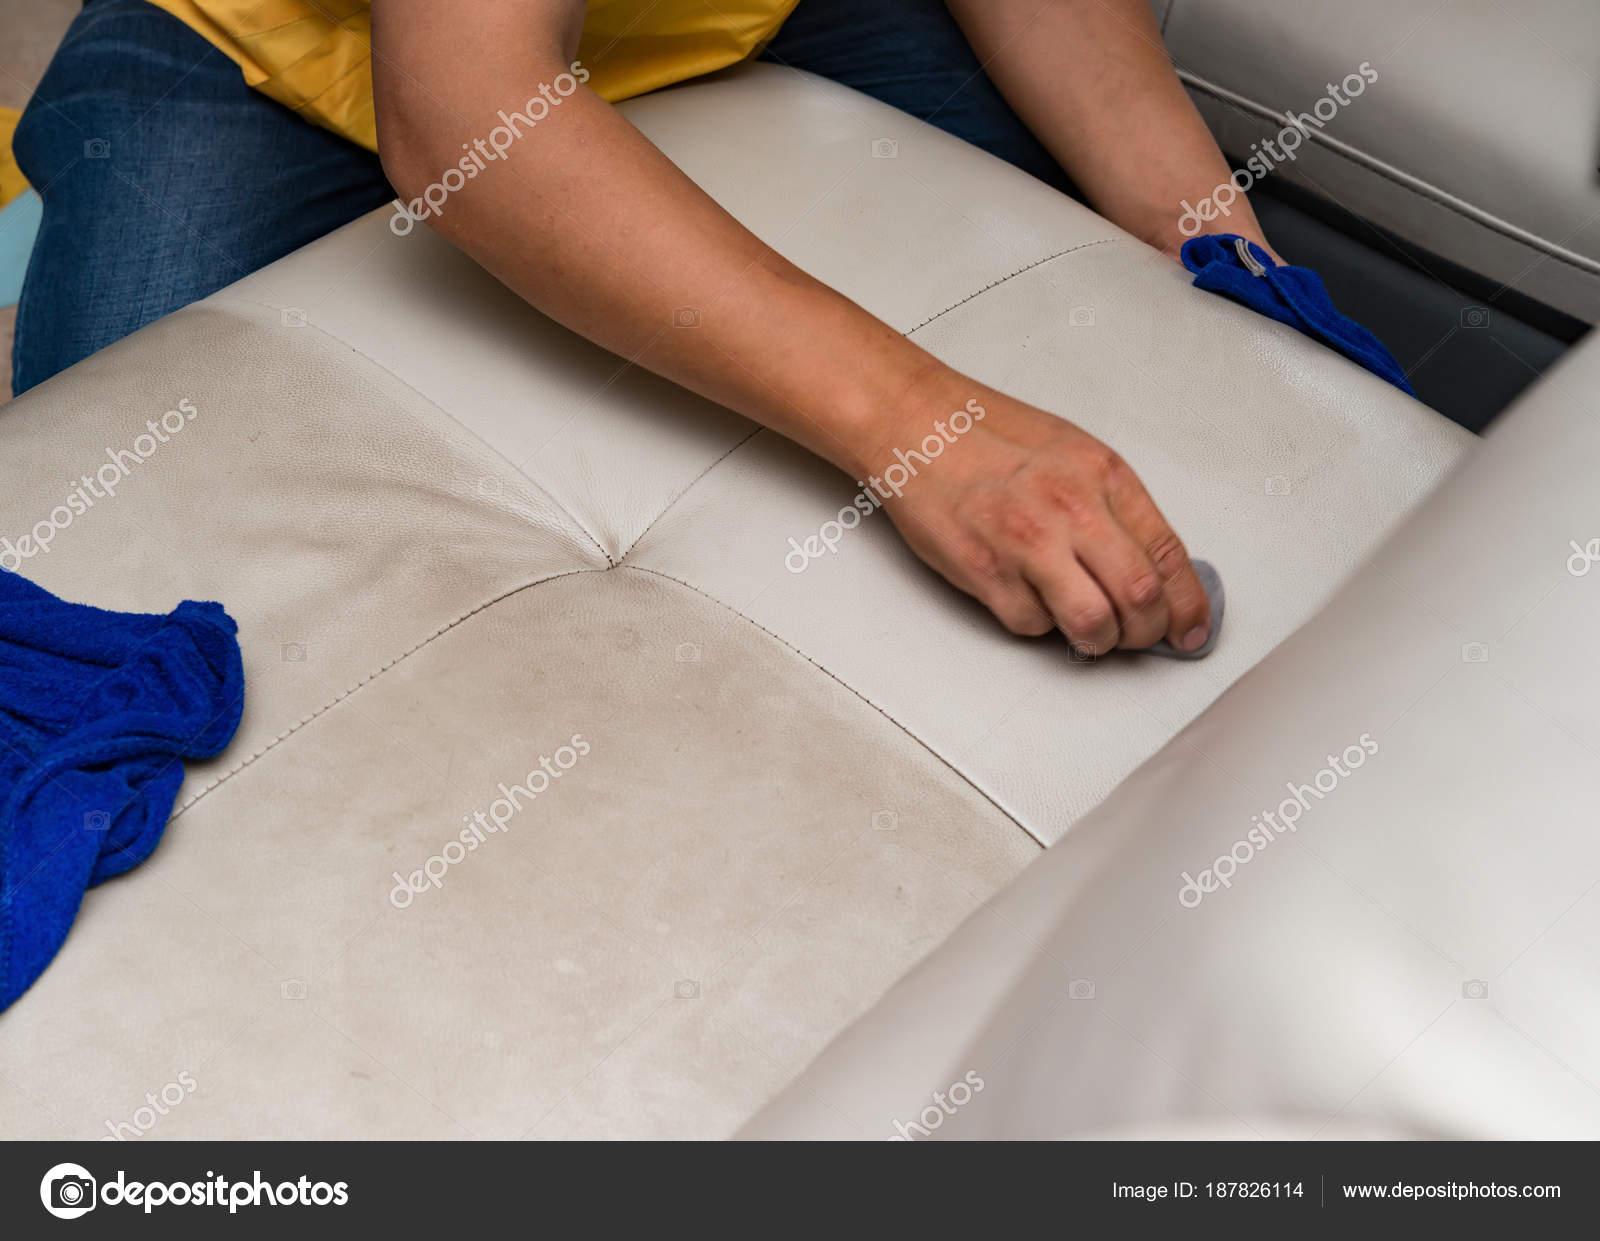 Pulizia divano pelle casa con spugna asciugamano u foto stock